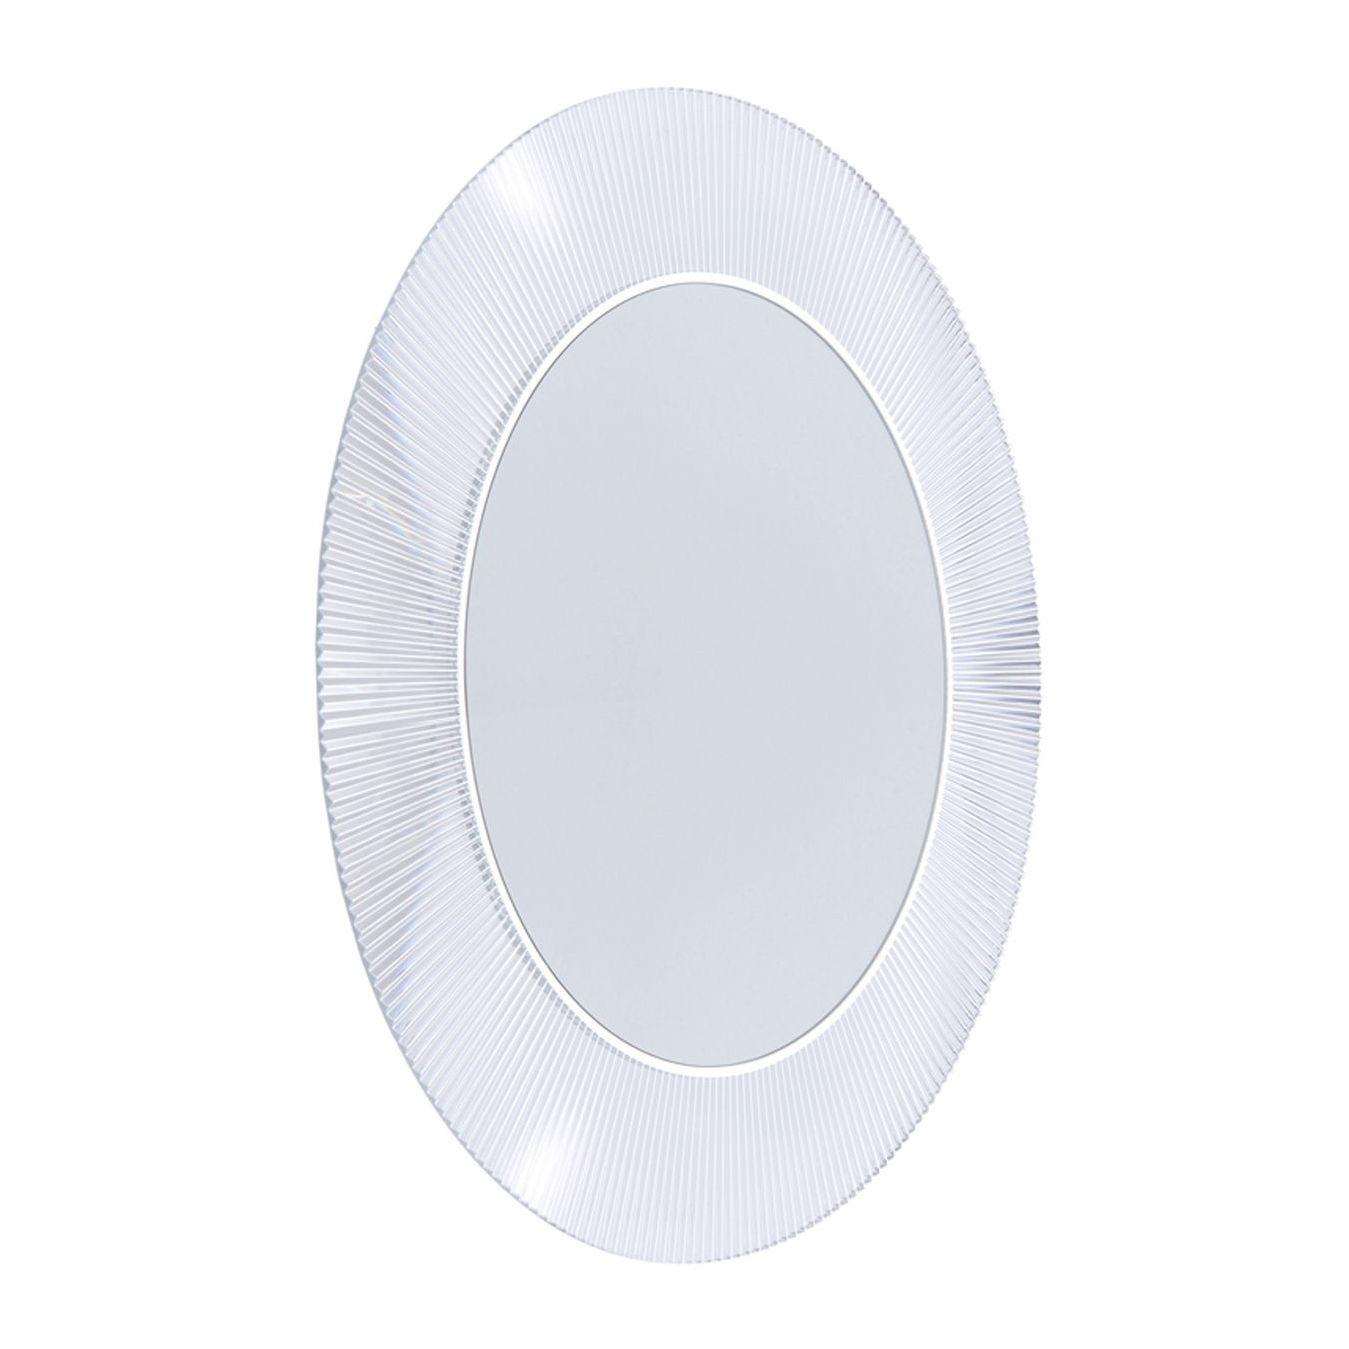 Specchio luminoso all saints kartell cristallo 78 made in design - Kartell accessori bagno ...